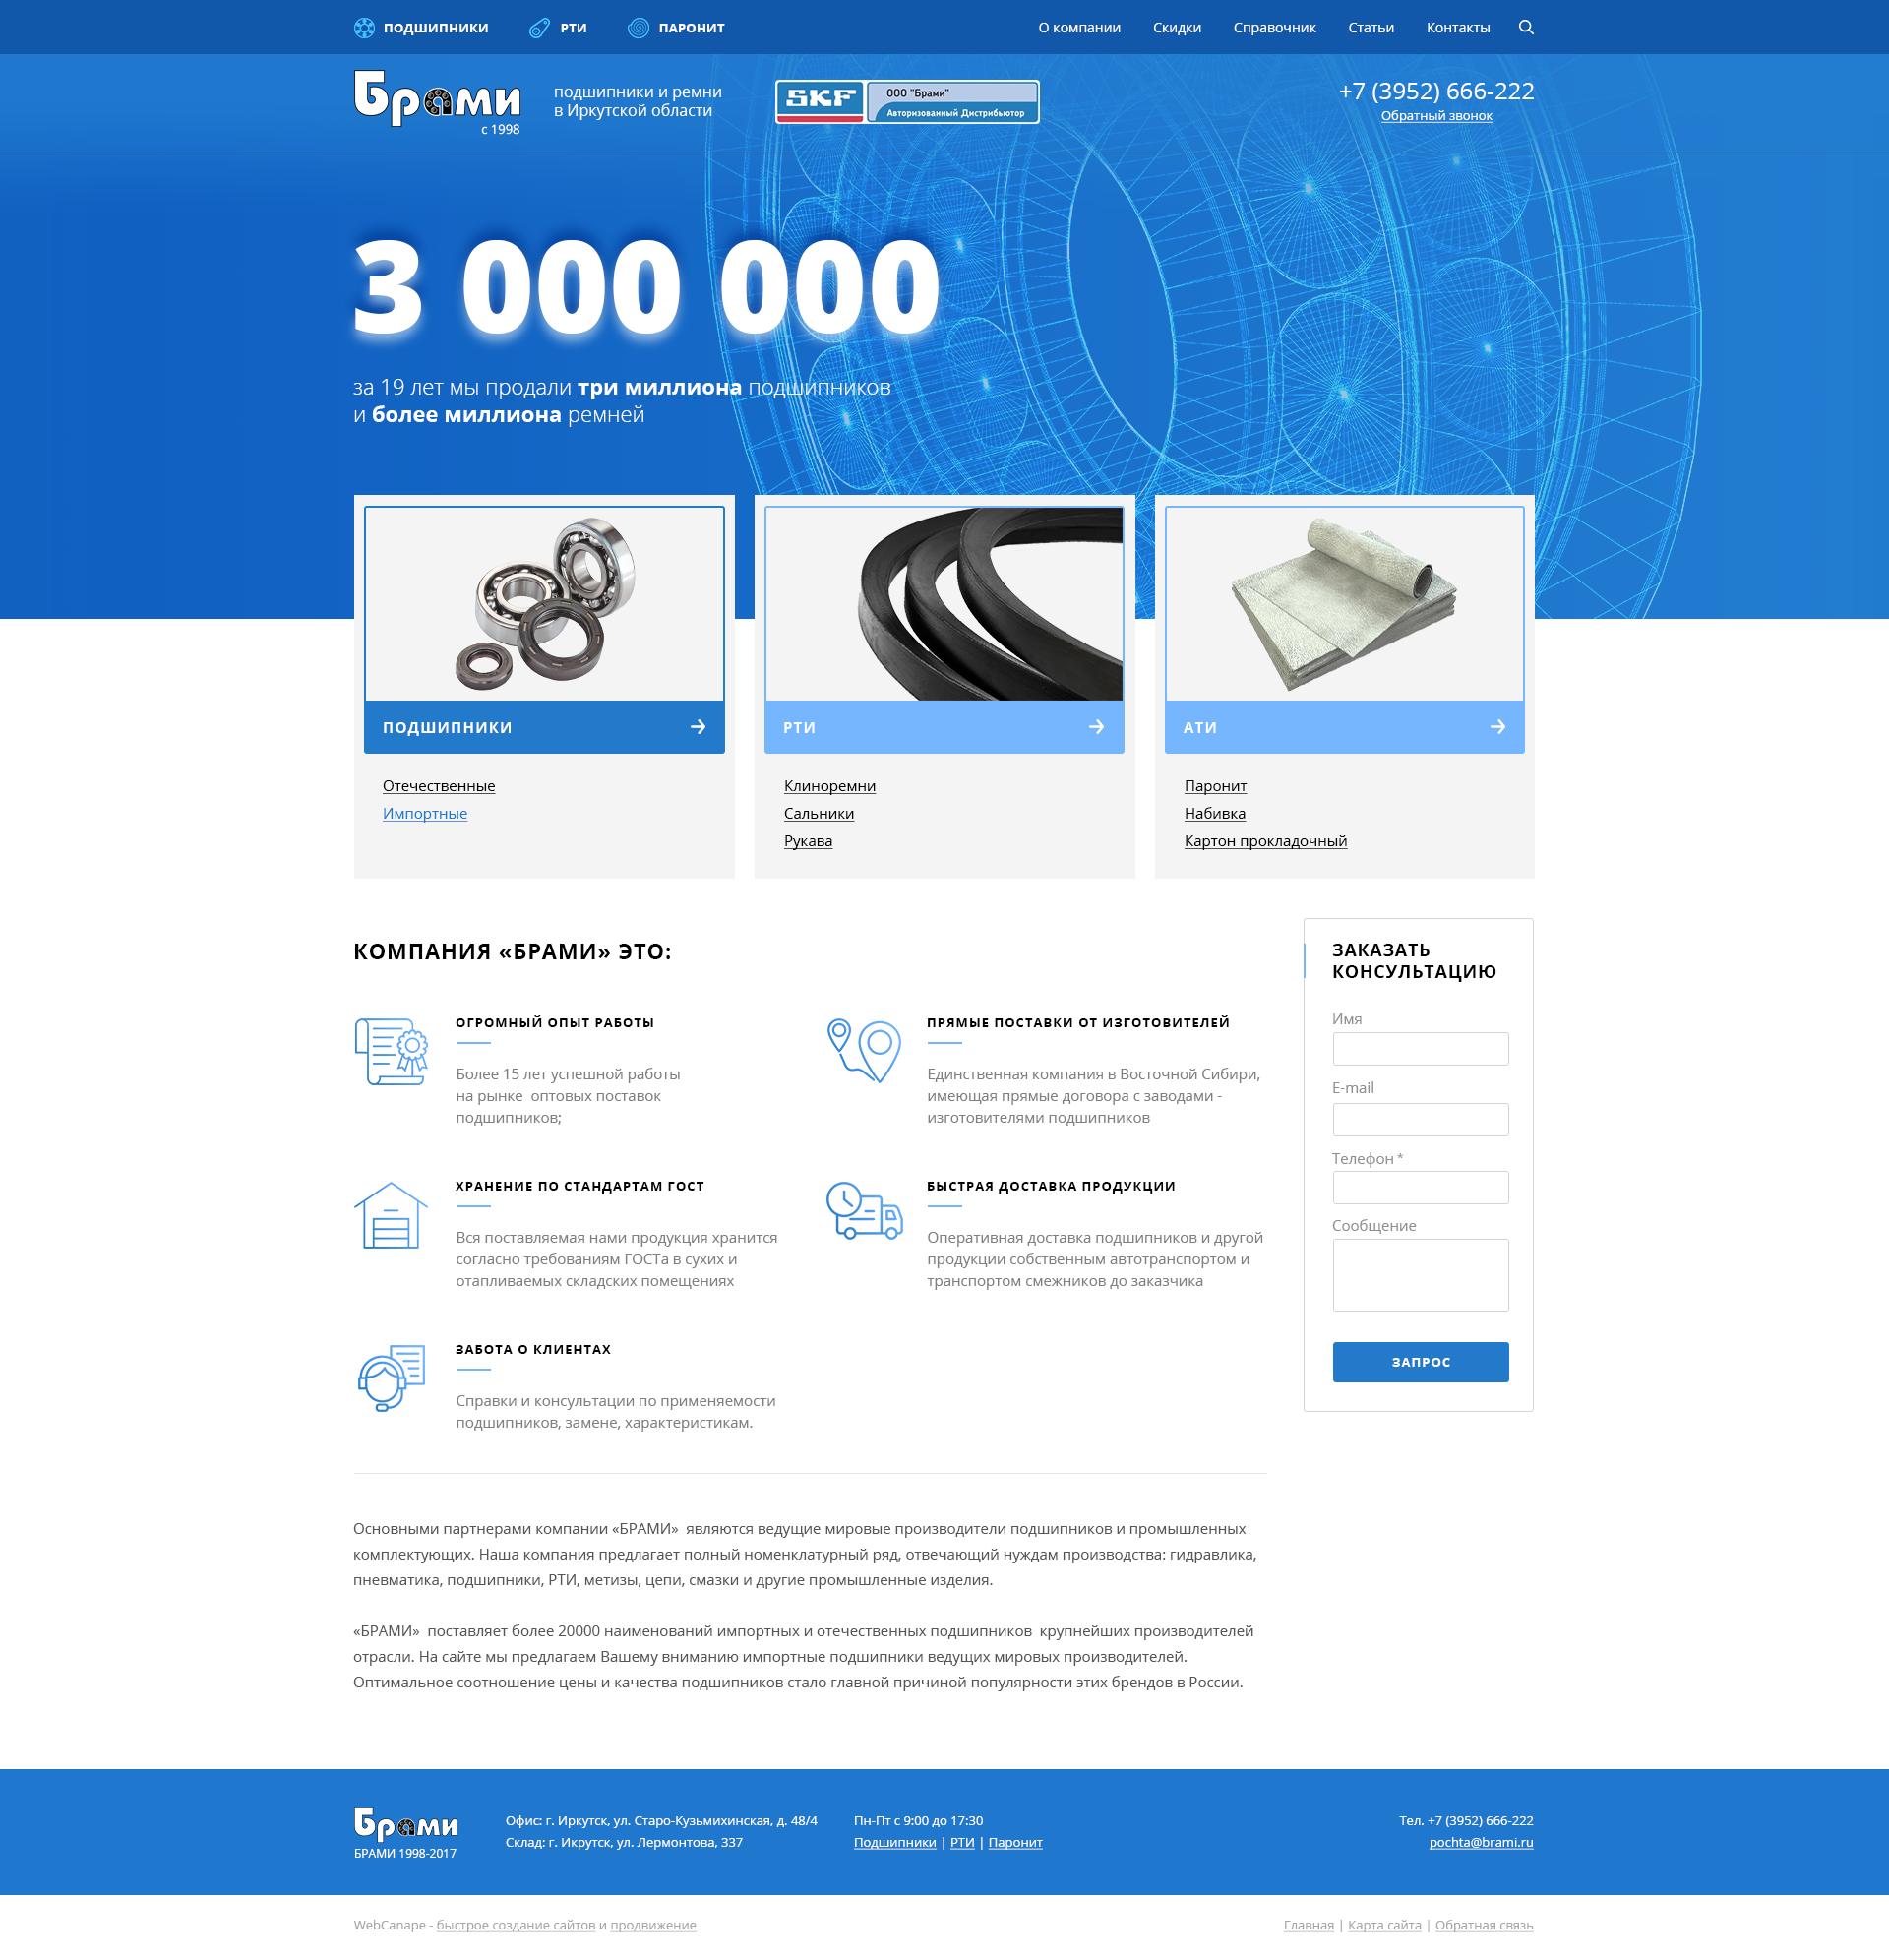 Сайт производителя подшипников и промышленных комплектующих